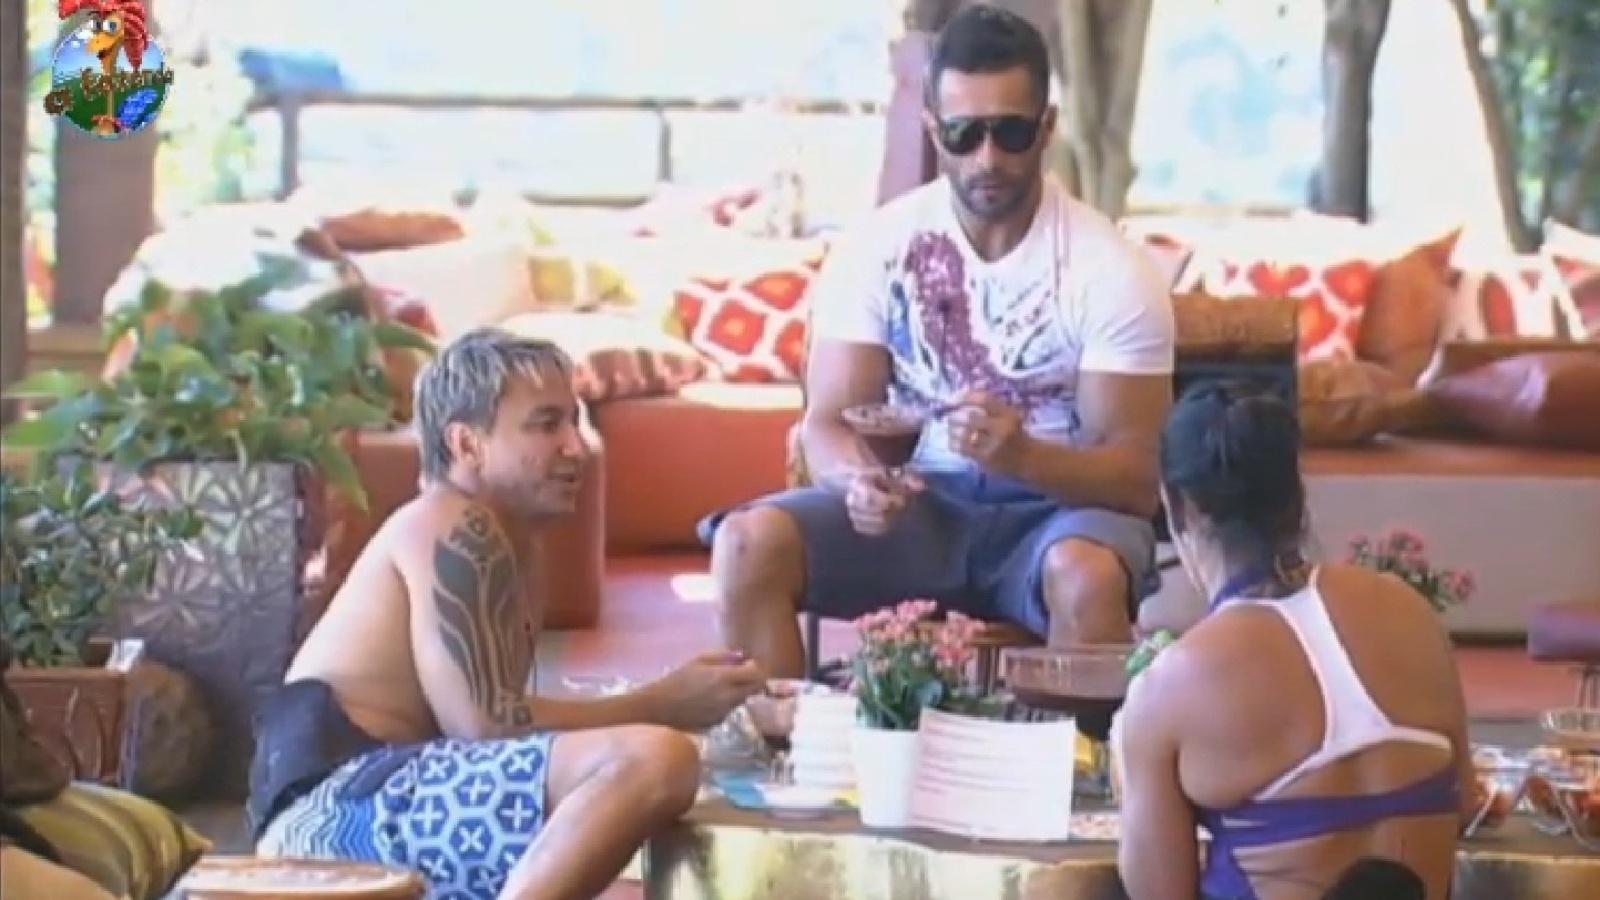 29.jul.2013 - Integrantes do grupo Coelho vencem atividade e ganham açaí com frutas